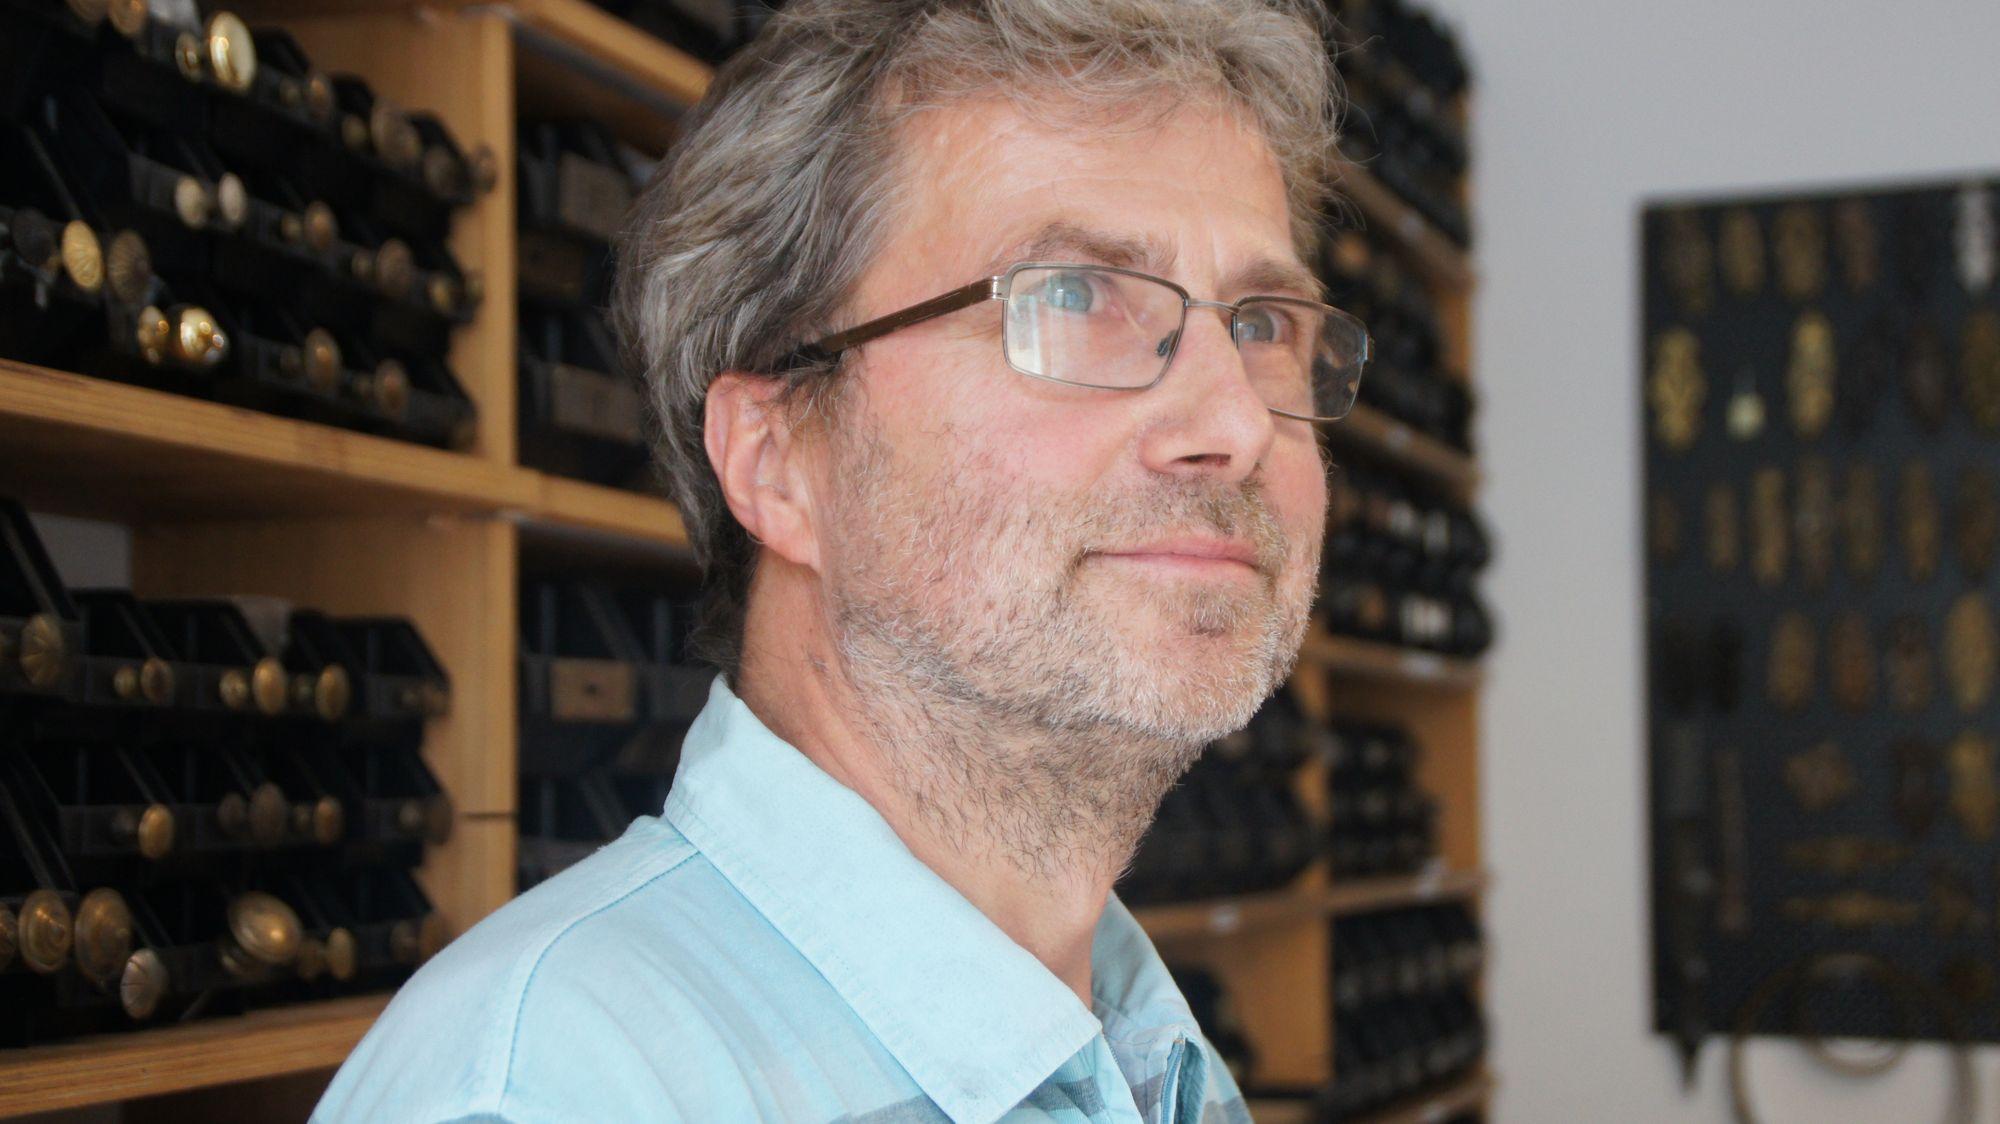 Stephan Börner